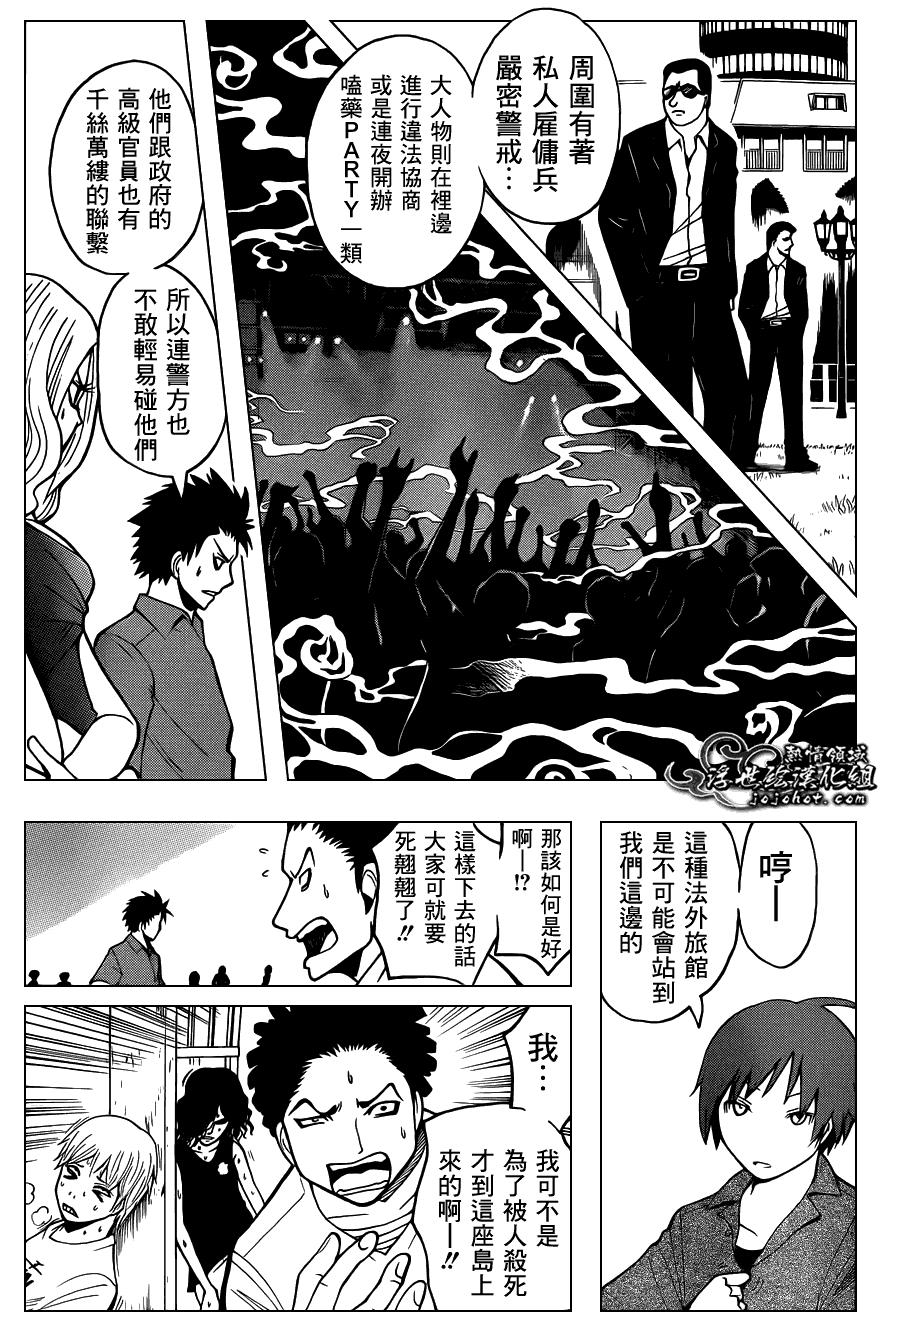 暗殺教室: 61話 - 第7页